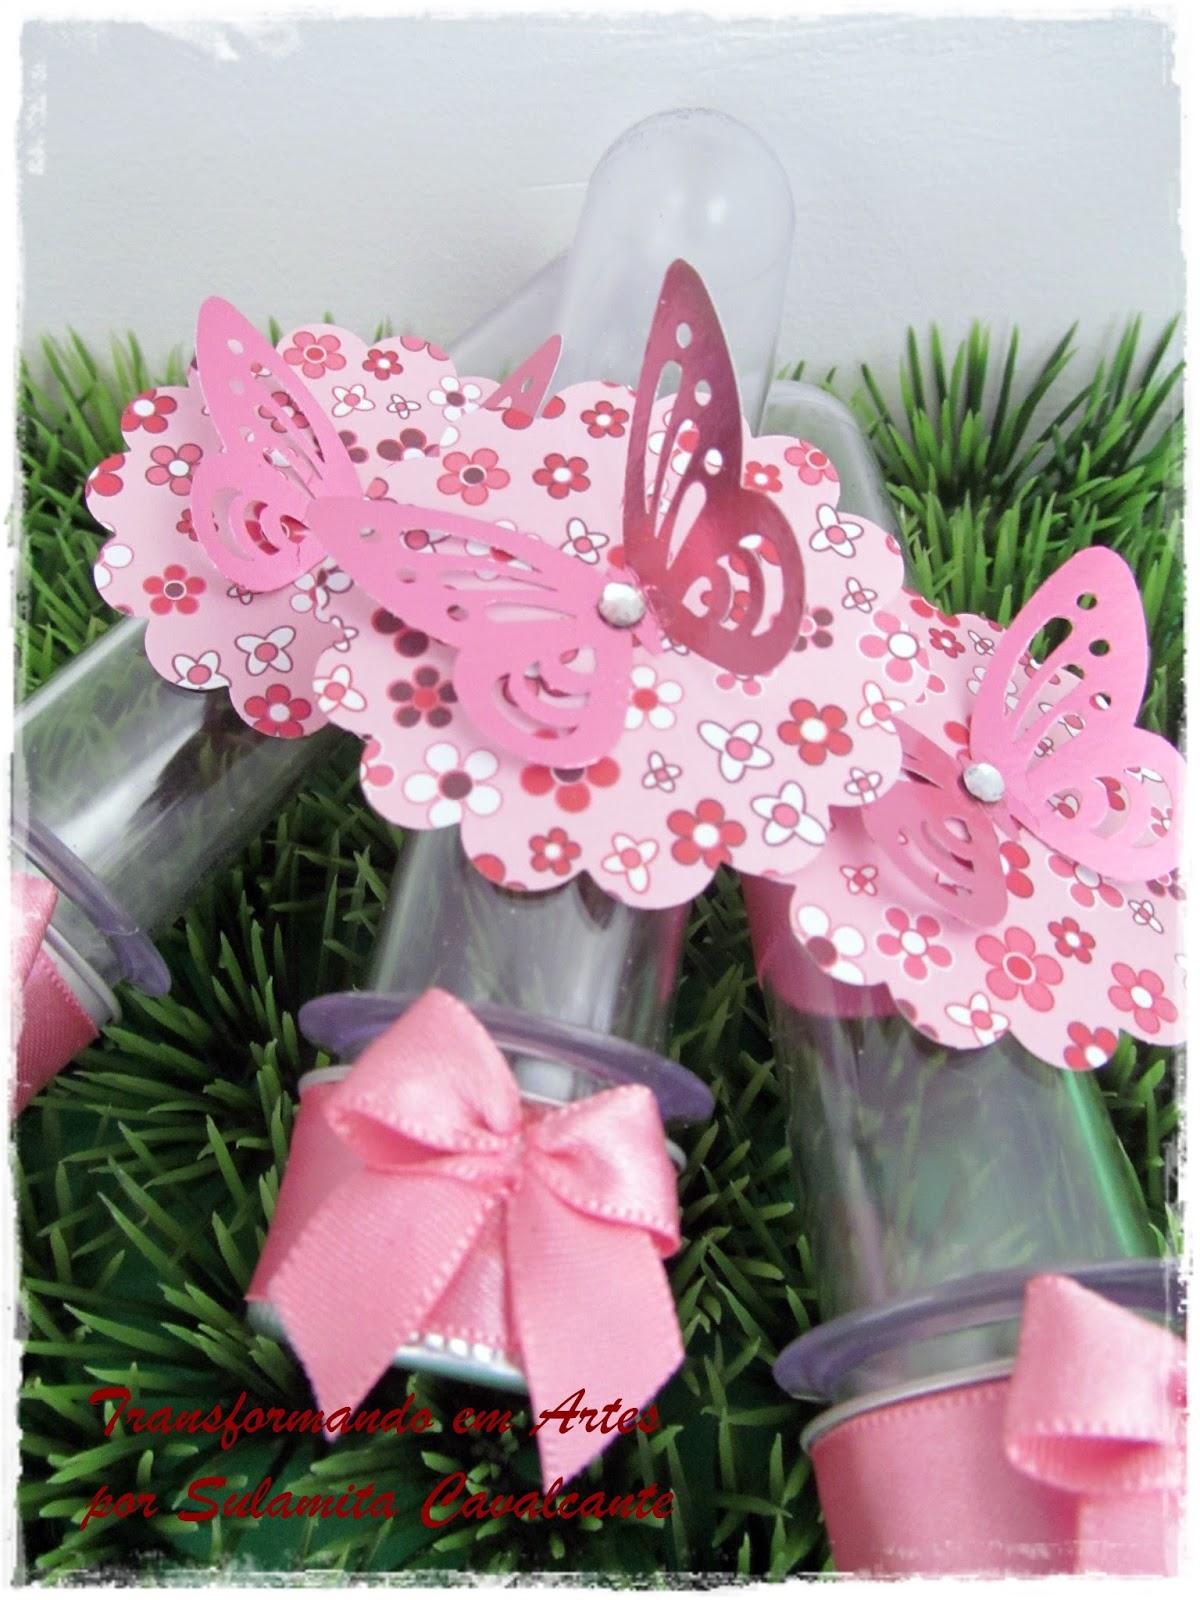 decoracao de aniversario jardim das borboletas:potinhos de vidro para jujuba